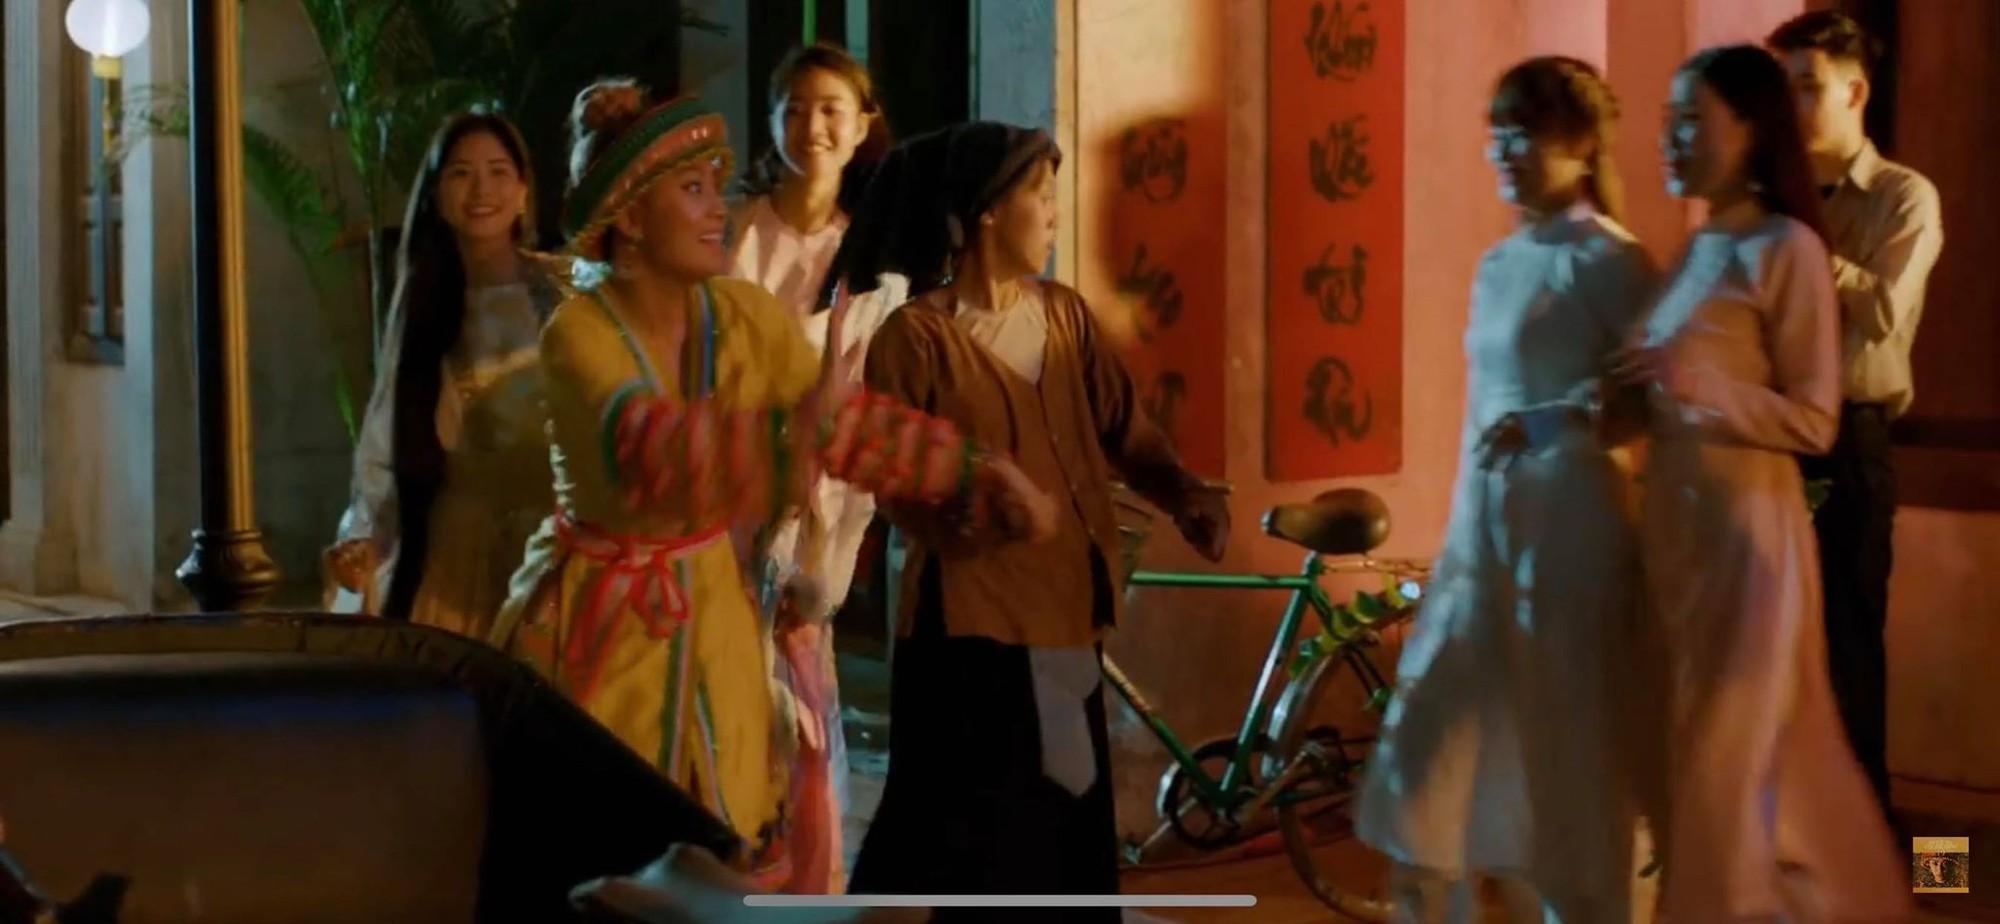 Thật thú vị: Cả vũ trụ văn học Việt Nam tụ hội trong MV Để Mị nói cho mà nghe của Hoàng Thùy Linh! - Ảnh 11.